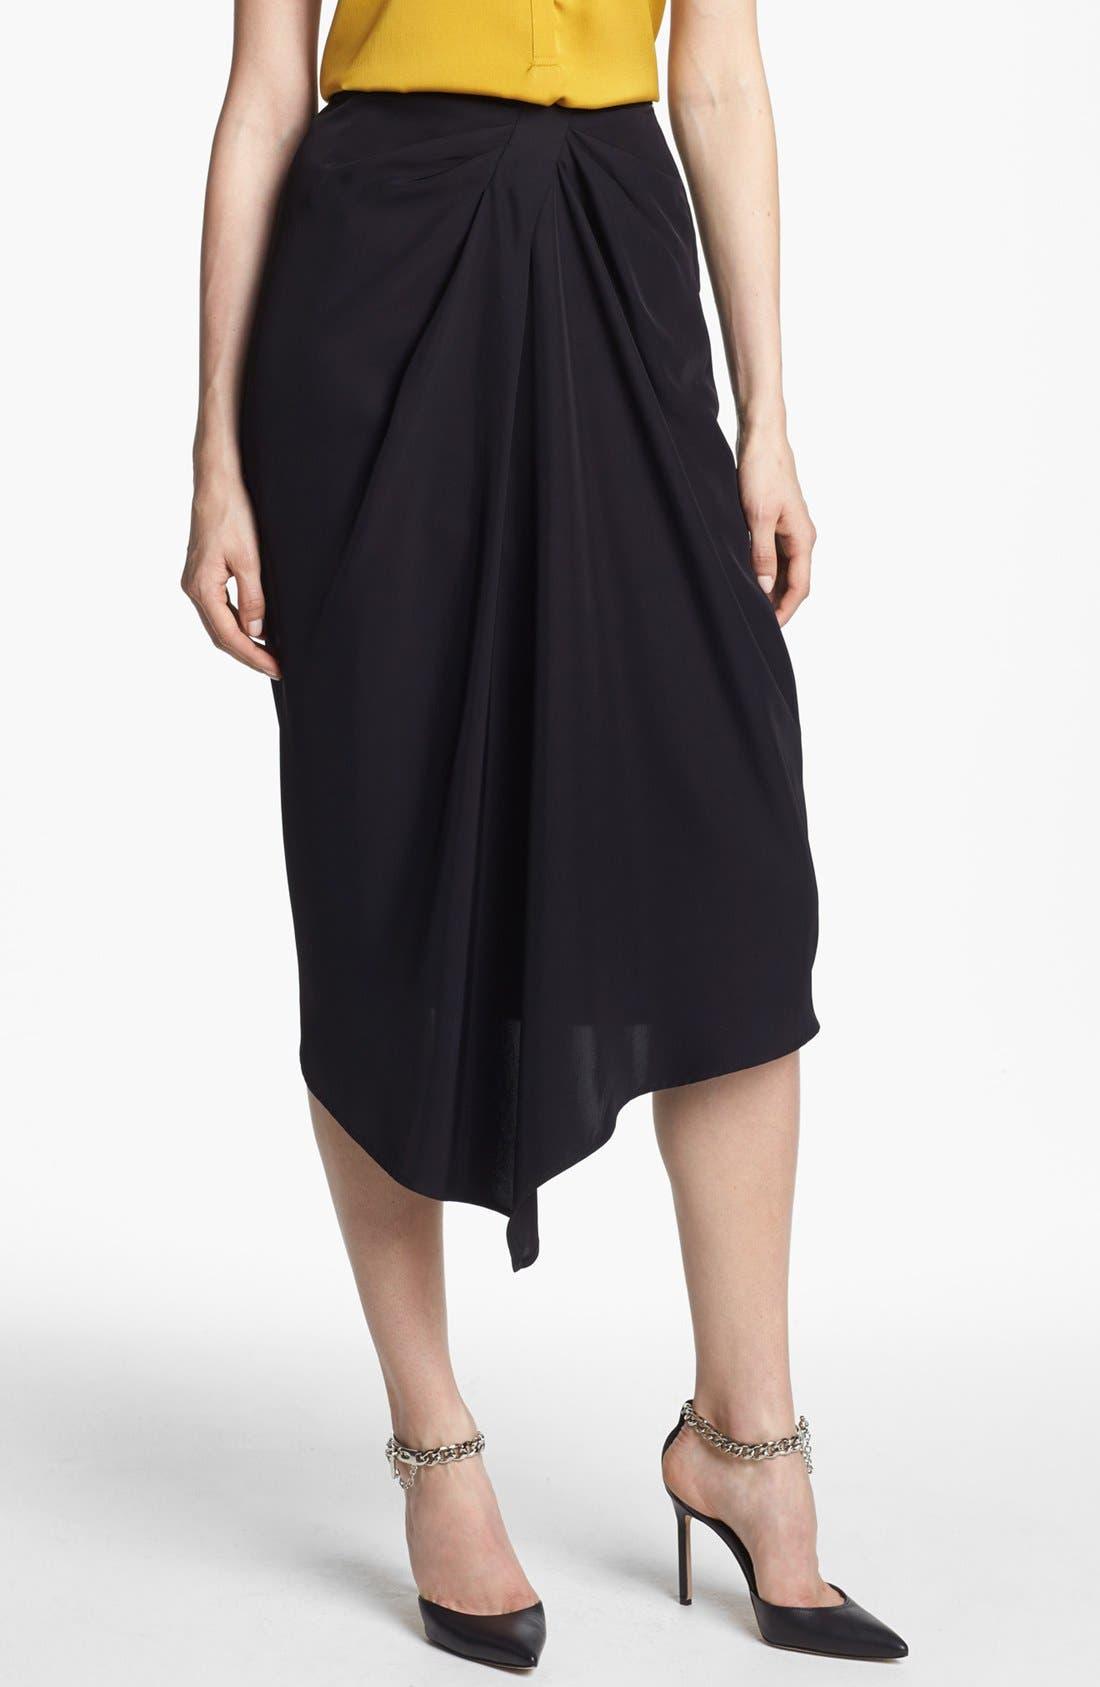 Alternate Image 1 Selected - Trina Turk 'Mood' Skirt